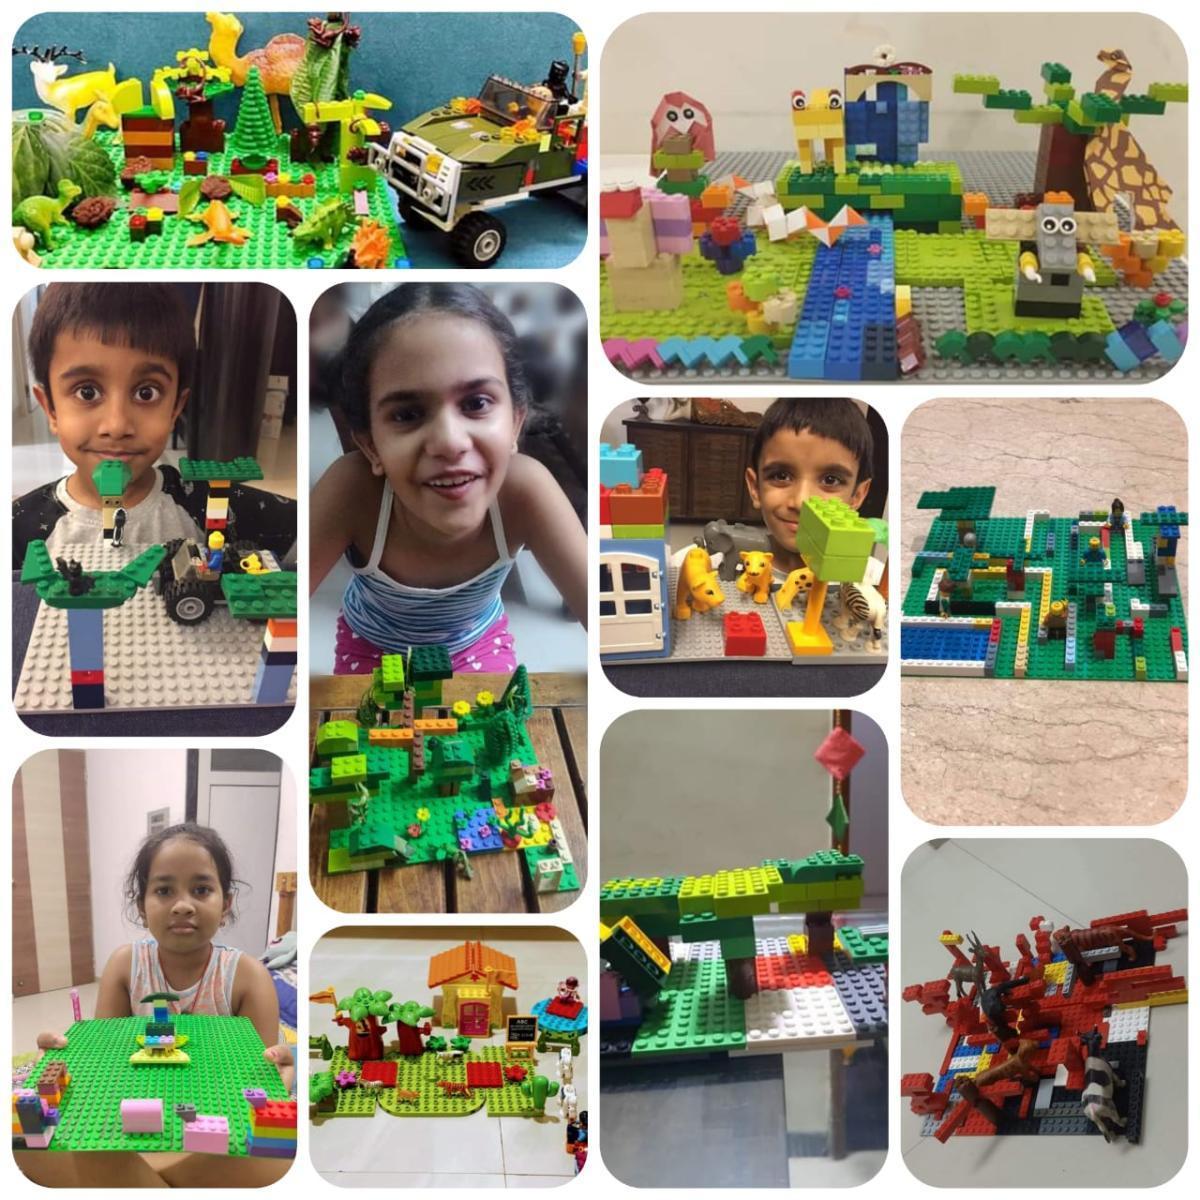 lego-india (1) (1) (1) (1) (1) (1)